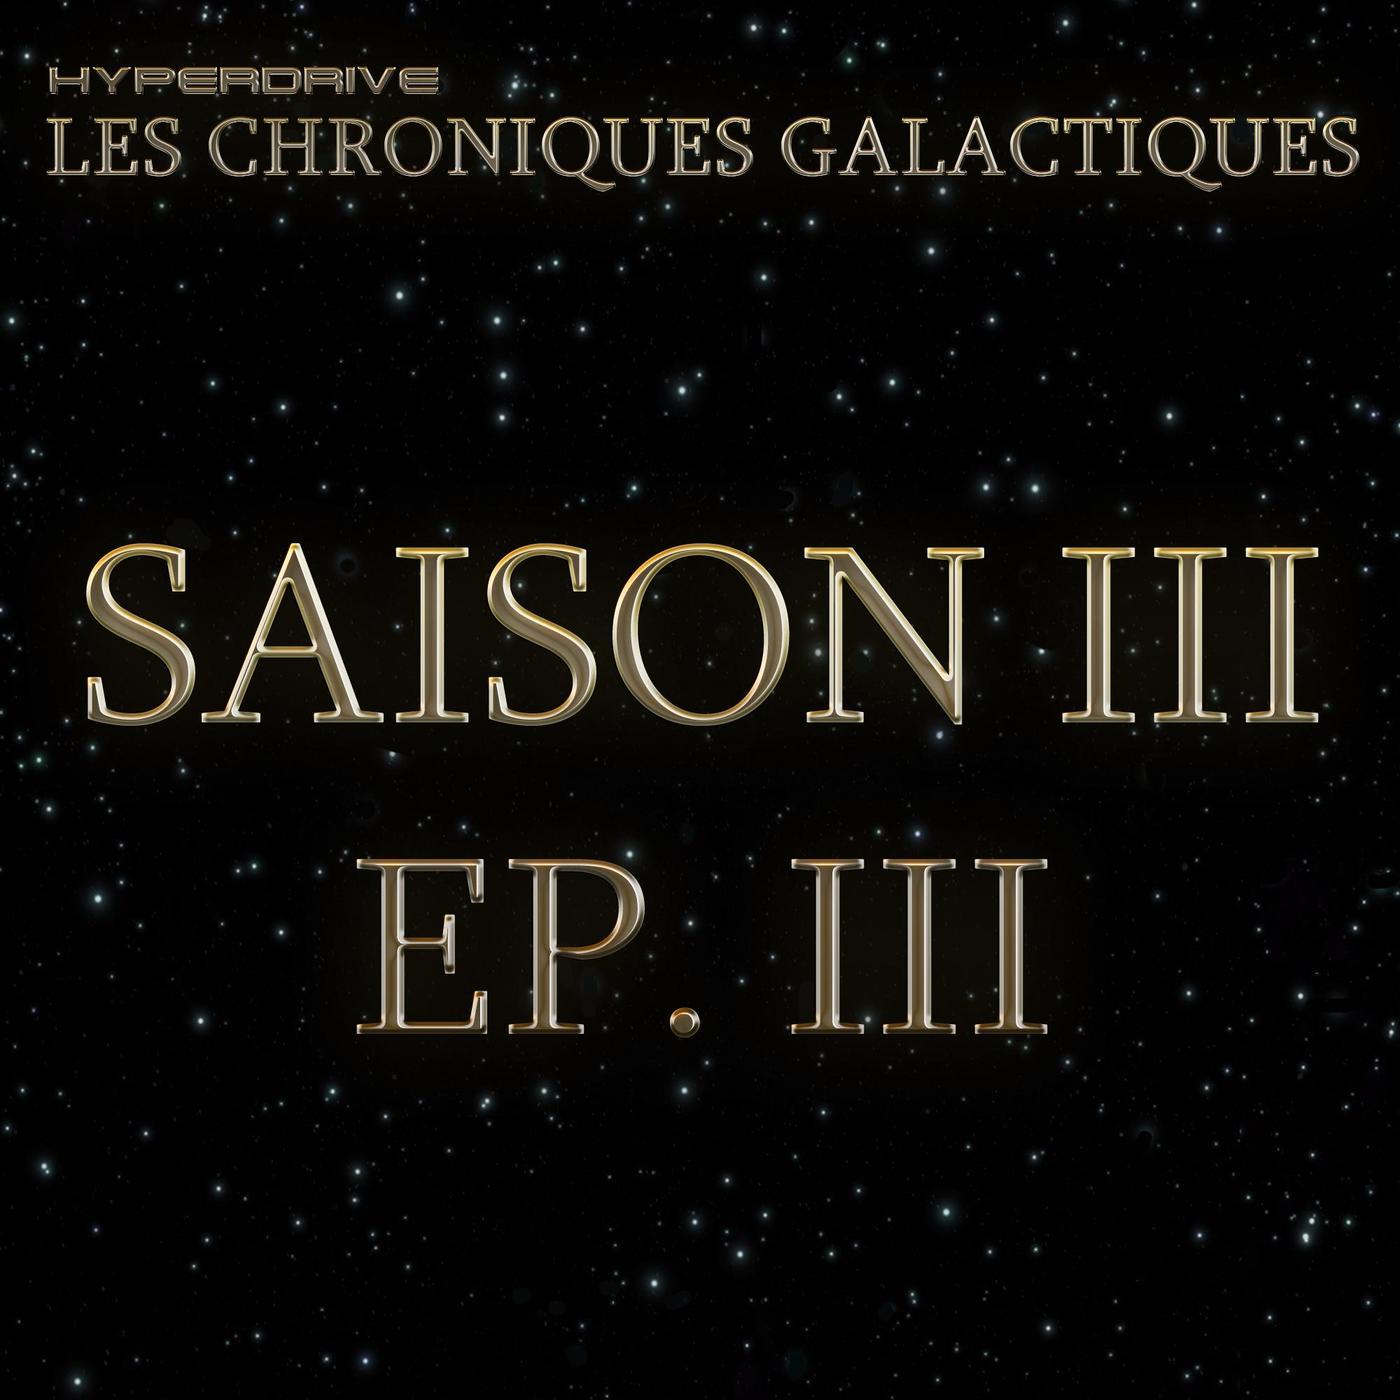 Les Chroniques Galactiques S3 - EP. 3/7 - Baronne du crime